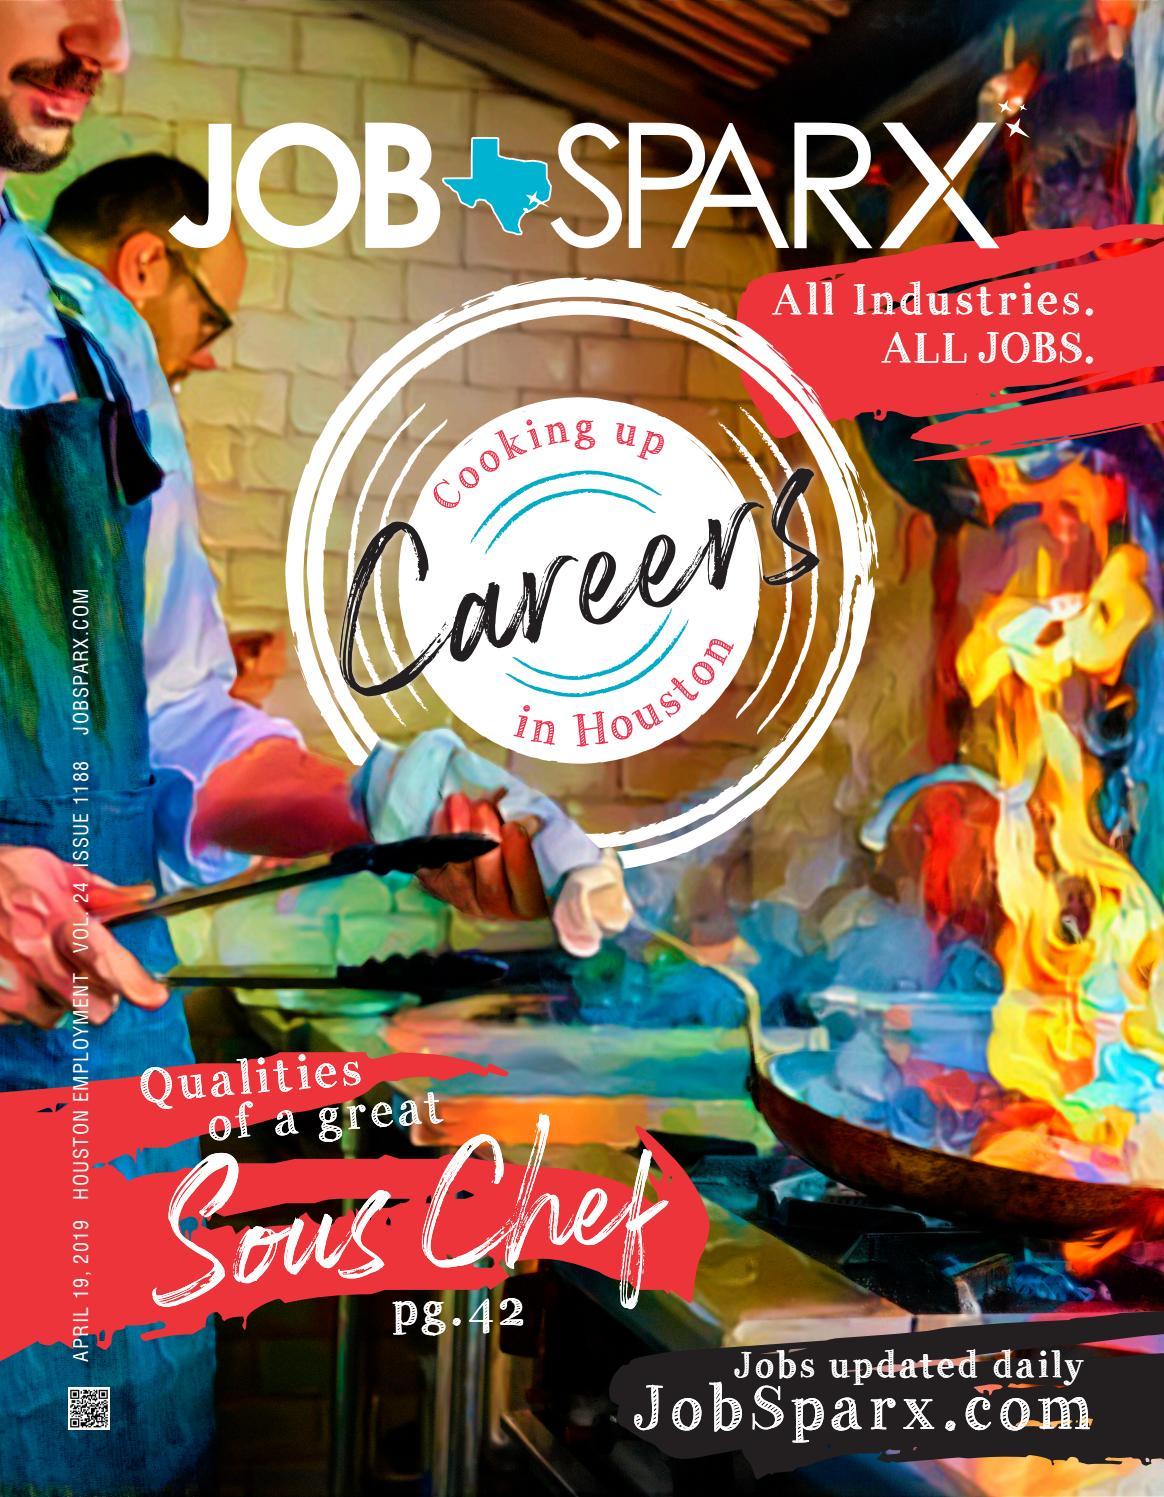 JobSparx Magazine - April 19, 2019 by JobSparx - issuu